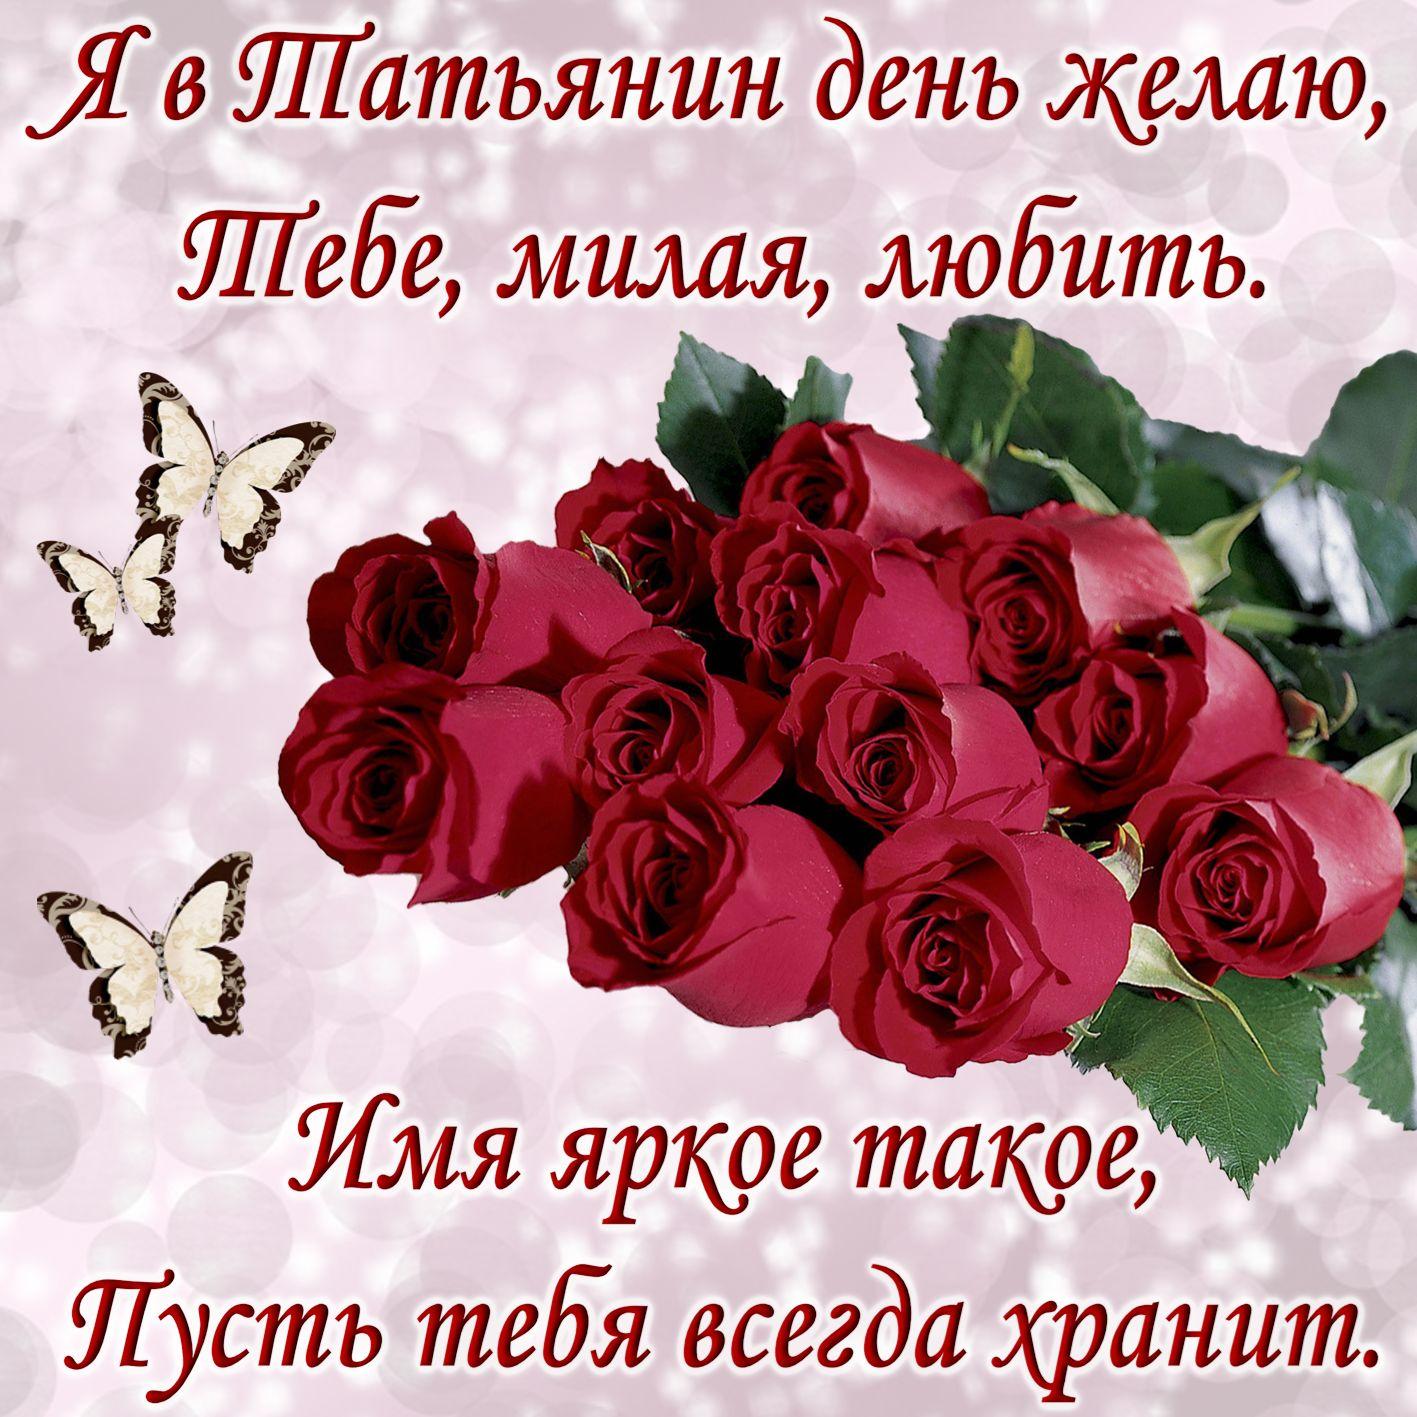 осудил открытка розы татьянин день зависит вашей